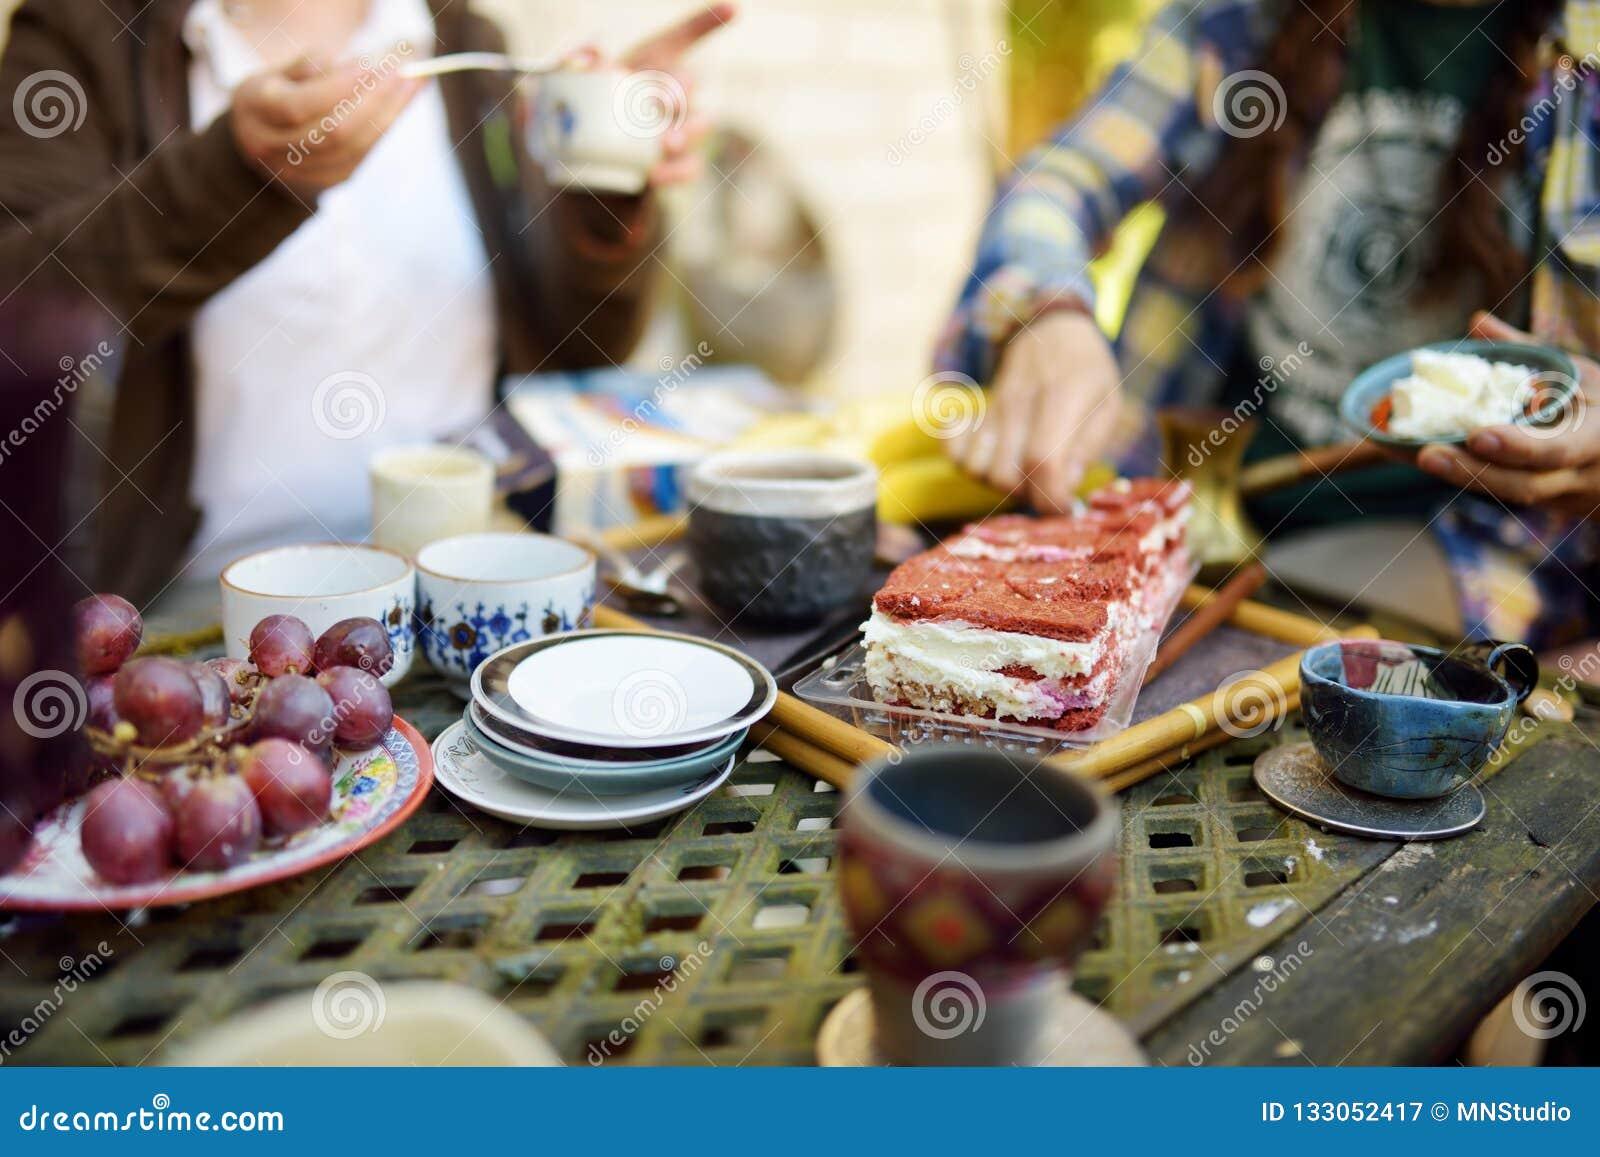 Tabla hermosa del postre con las tazas de cerámica coloridas, los platillos, la torta de zanahoria deliciosa y las frutas Consumi